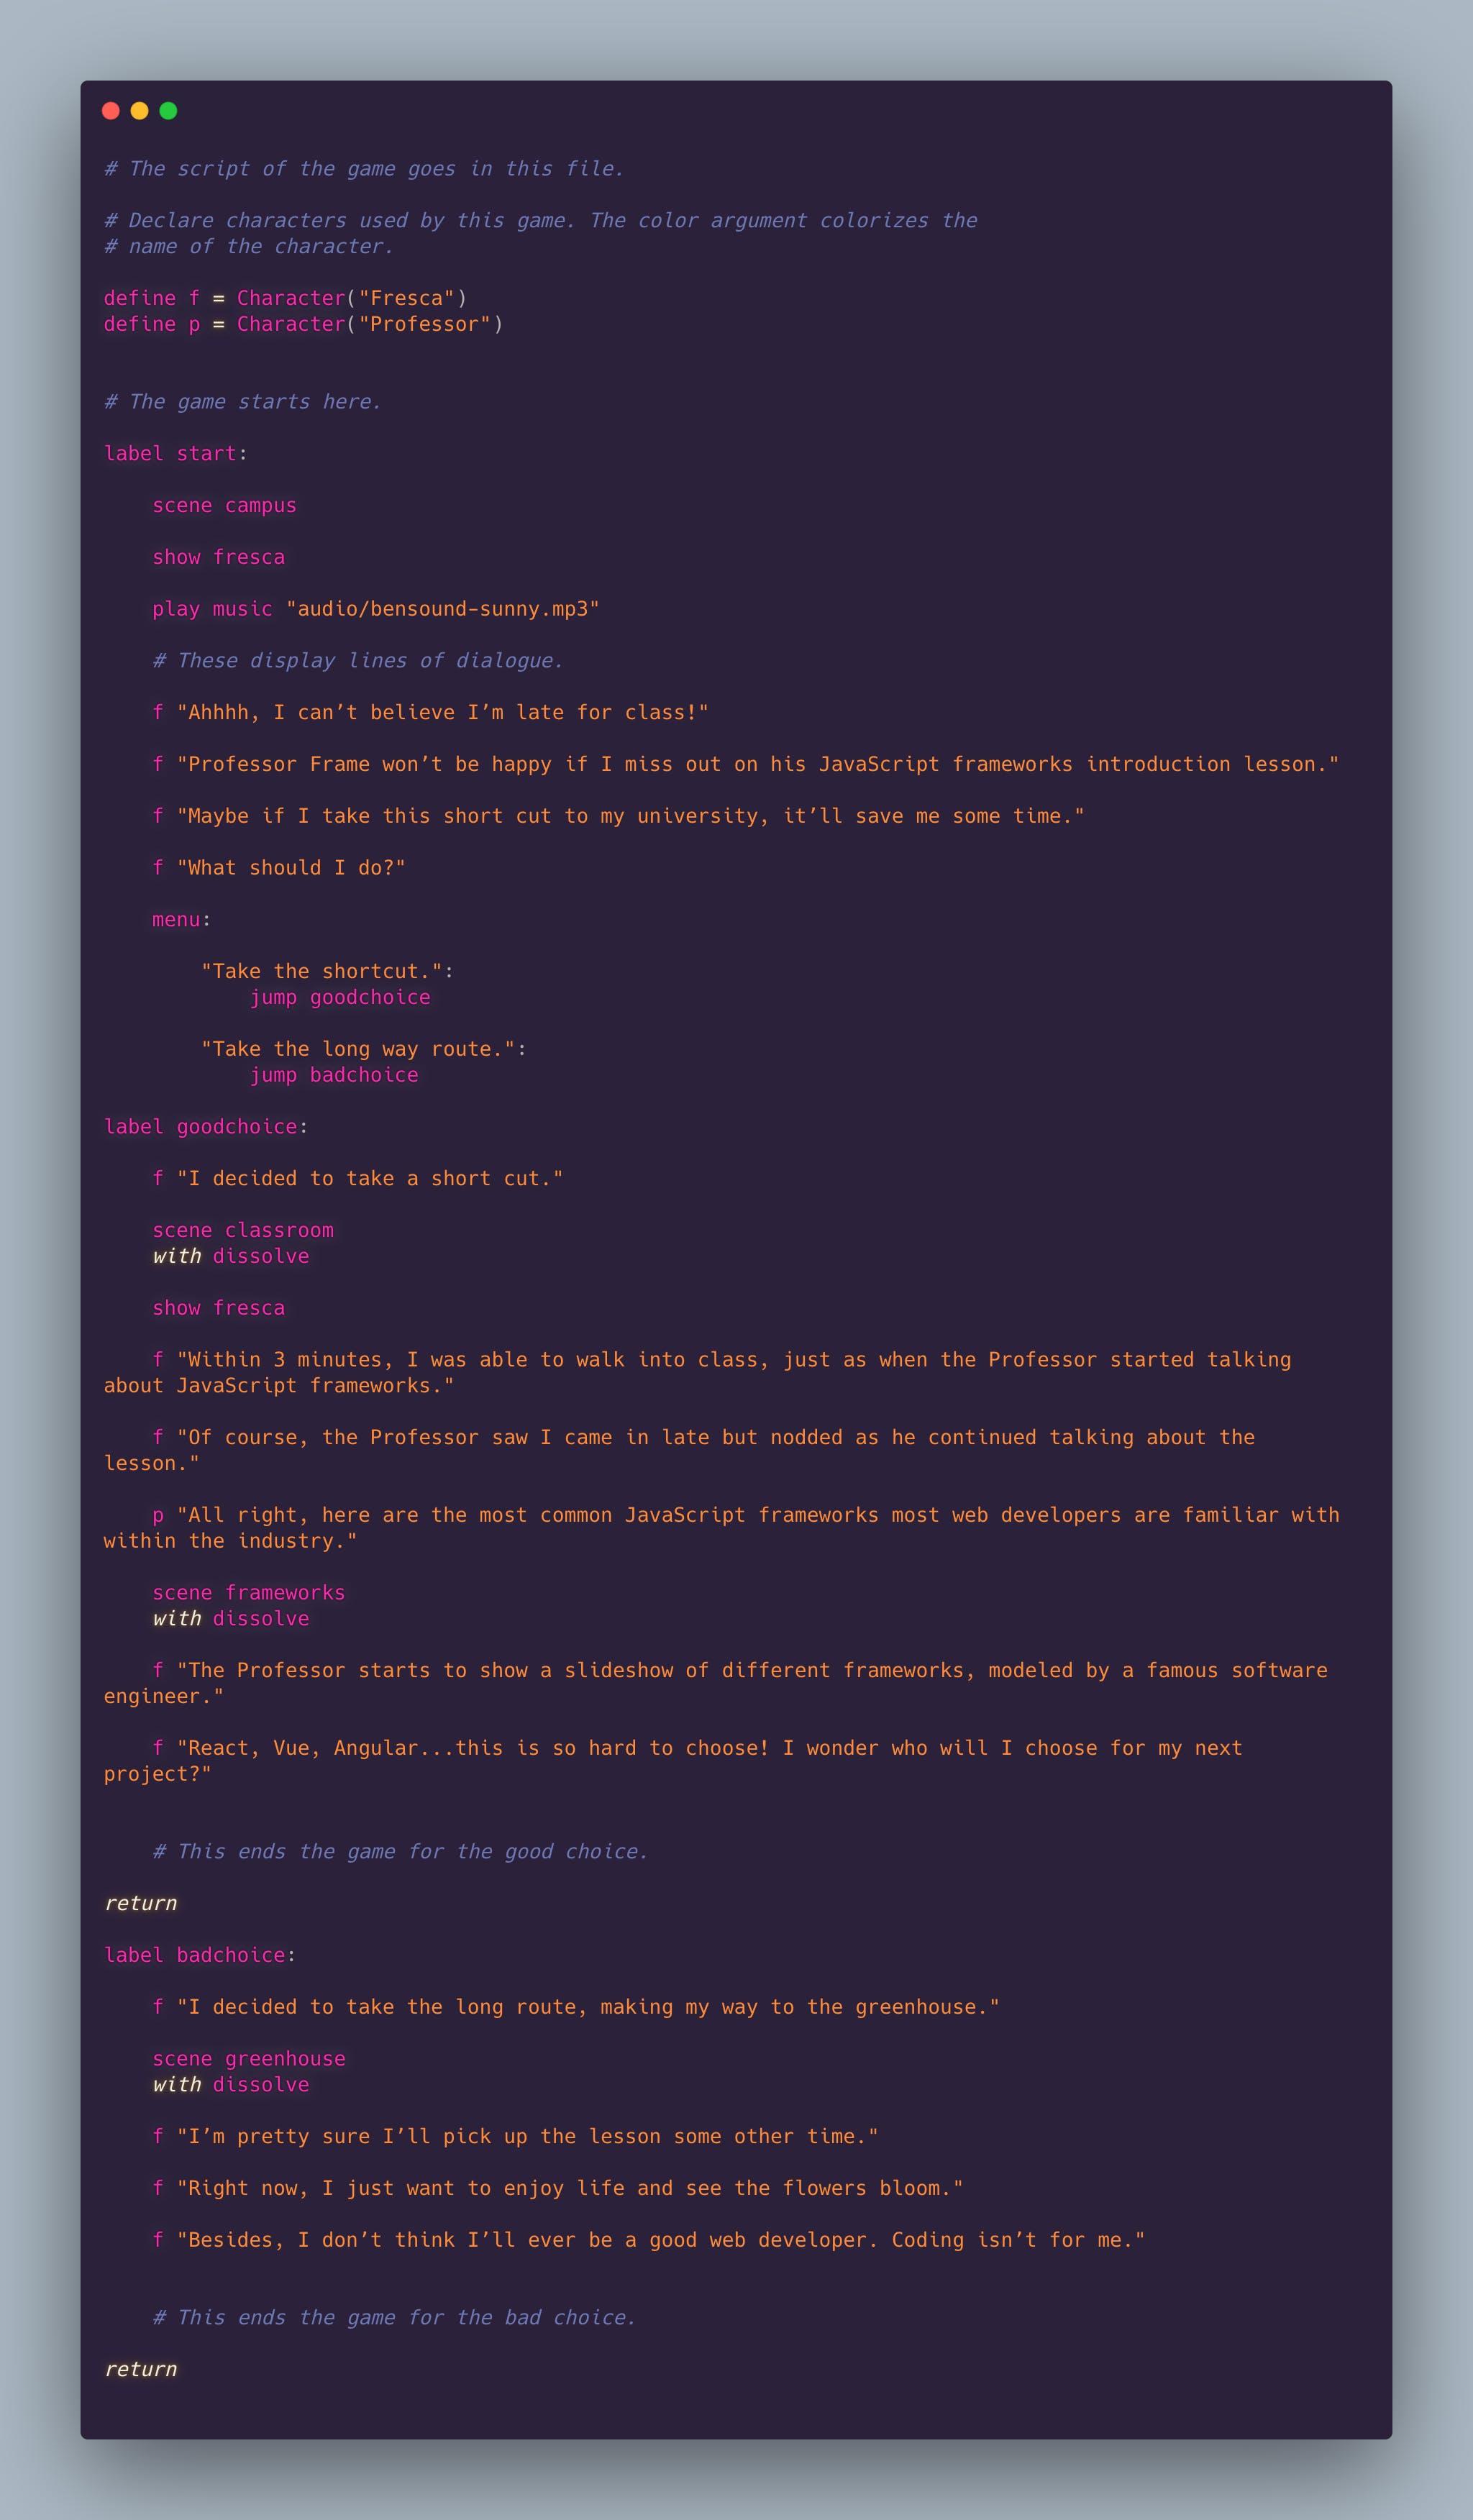 frameworksoverflowersscript.png